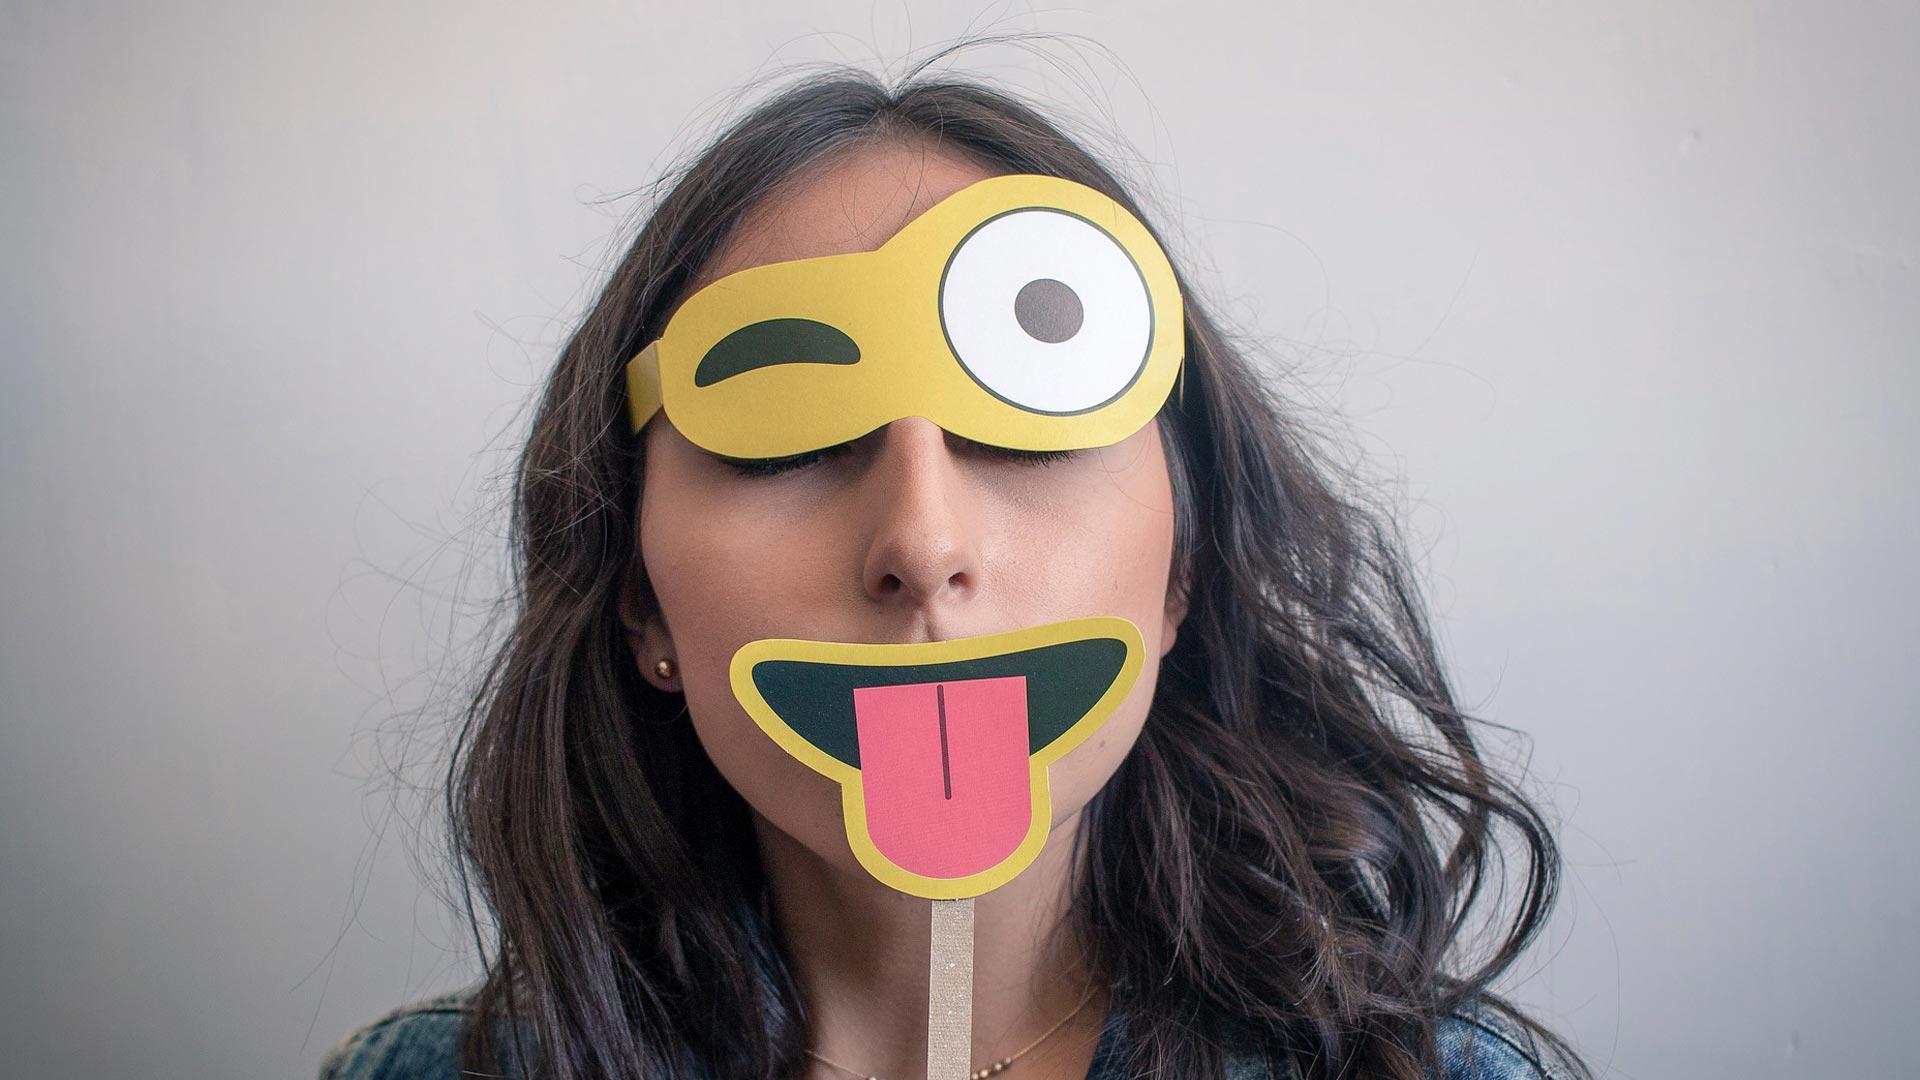 L'emozione passa da uno smile: la Sentiment Analysis sulle Emoji :)